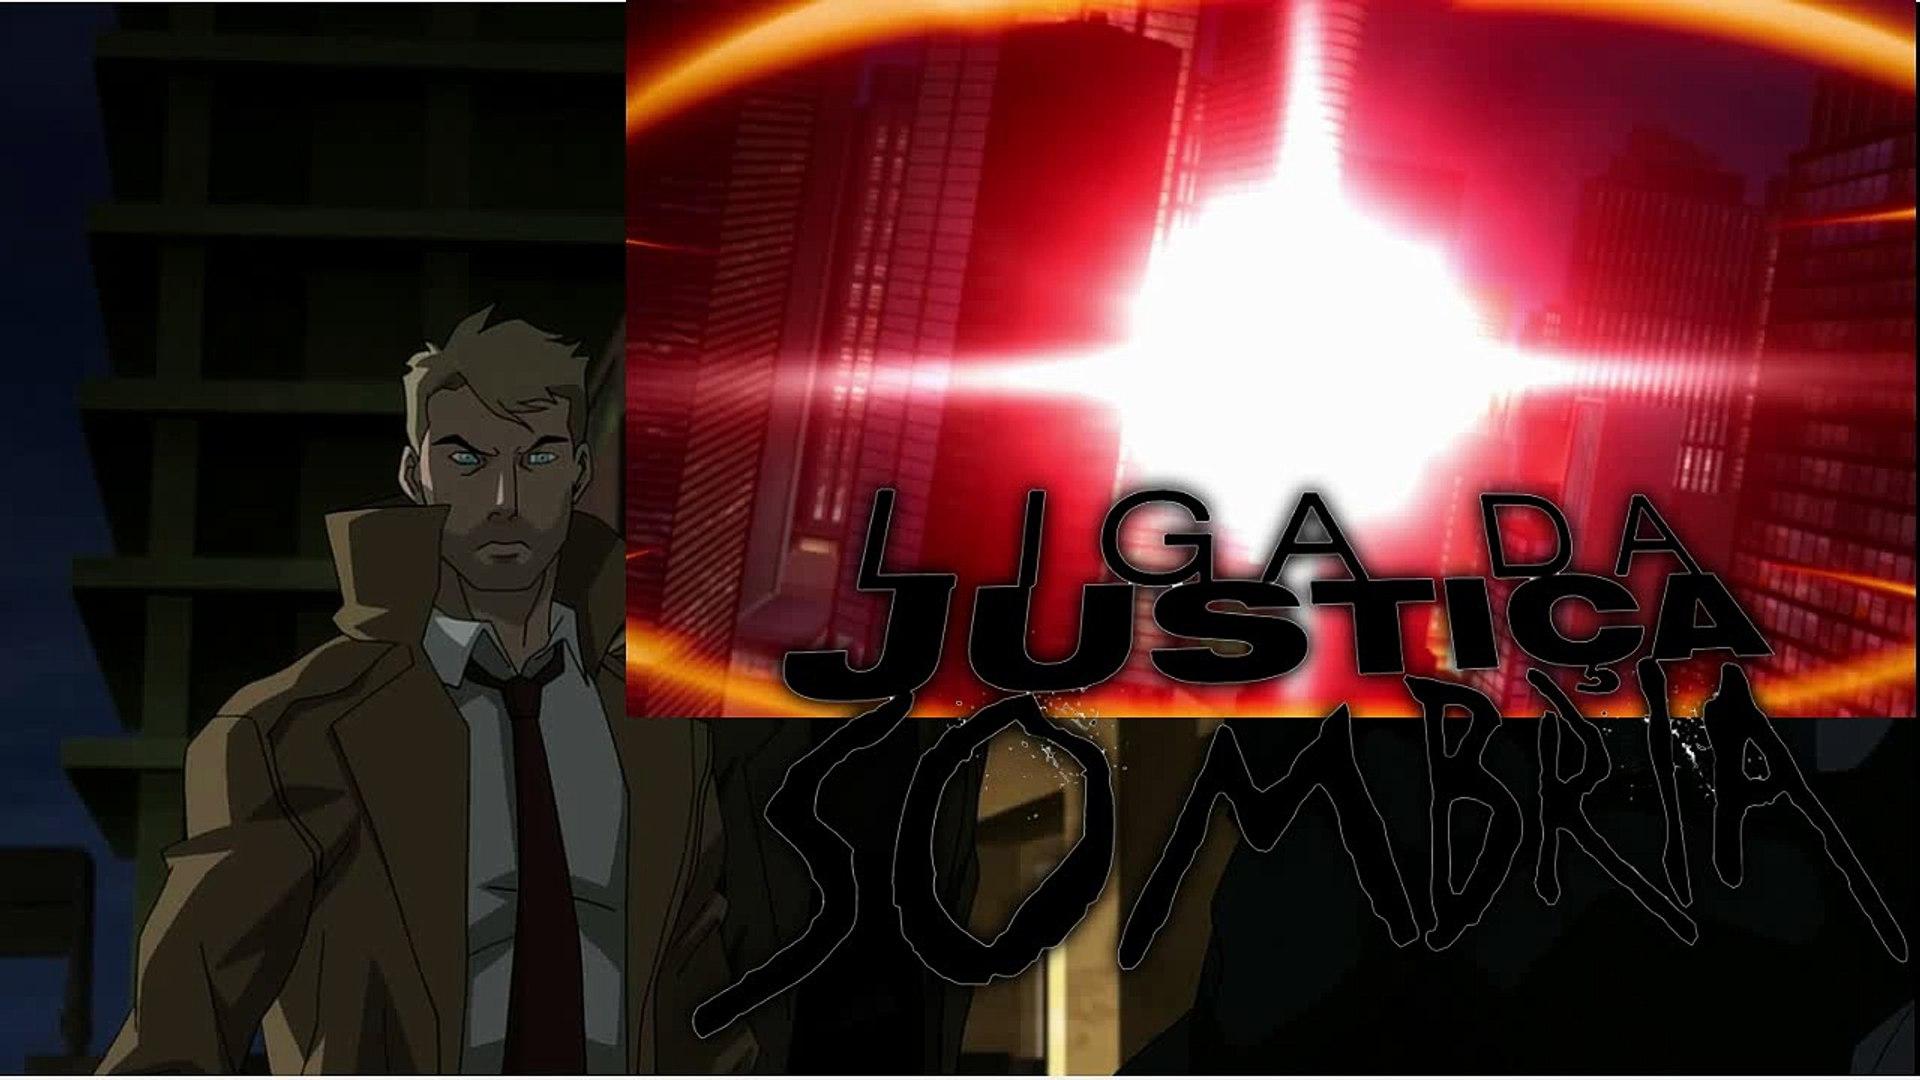 Liga Da Justica Sombria Video Dailymotion